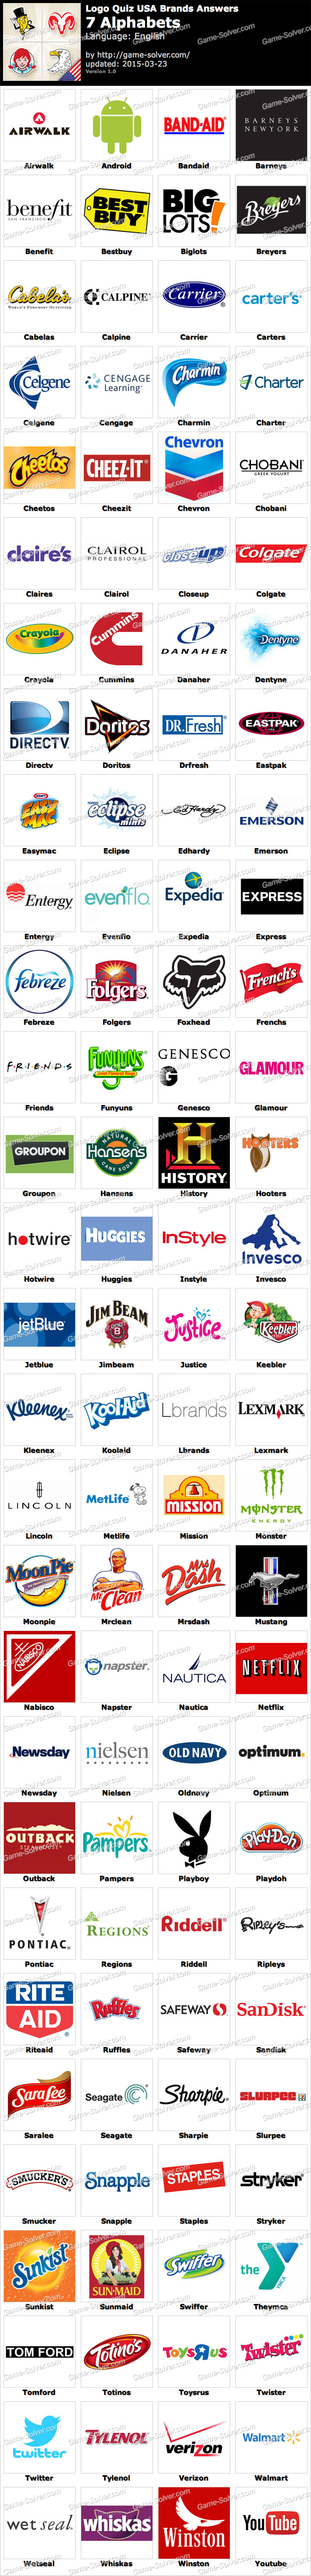 Logo Quiz USA Brands 7 Alphabets - Game Solver